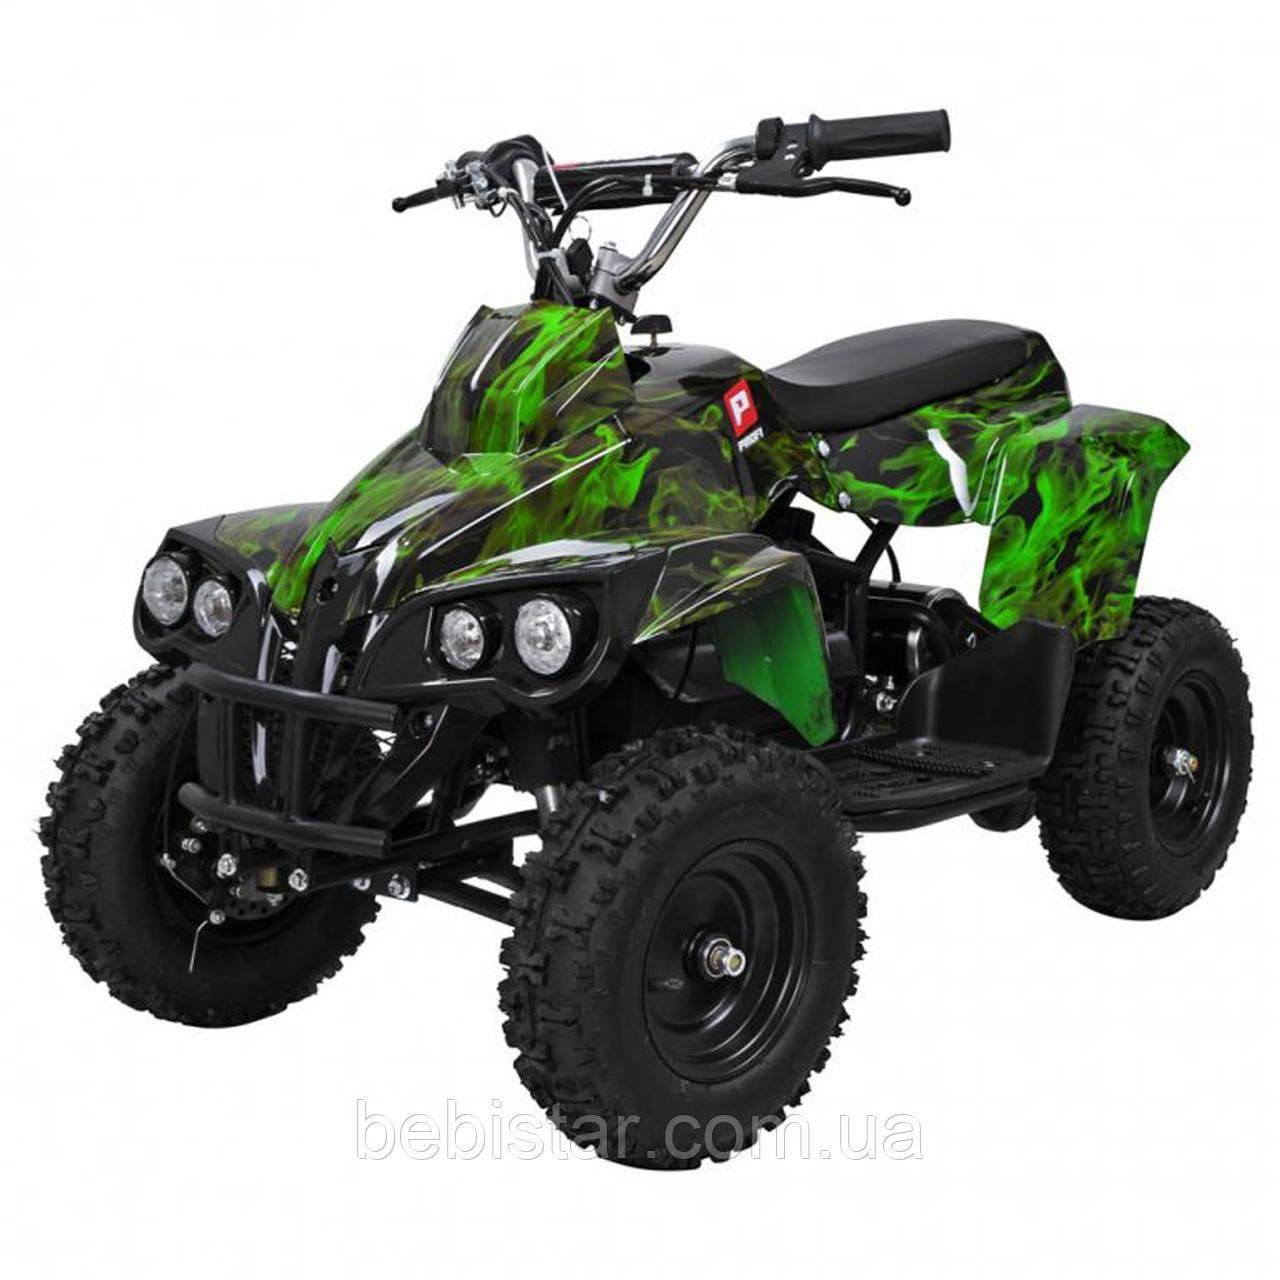 Квадроцикл PROFI HB-EATV 800C-NEW5 мотор 800W графити зеленый, аккумулятор 3*12v/12ah, скорость 30км/ч